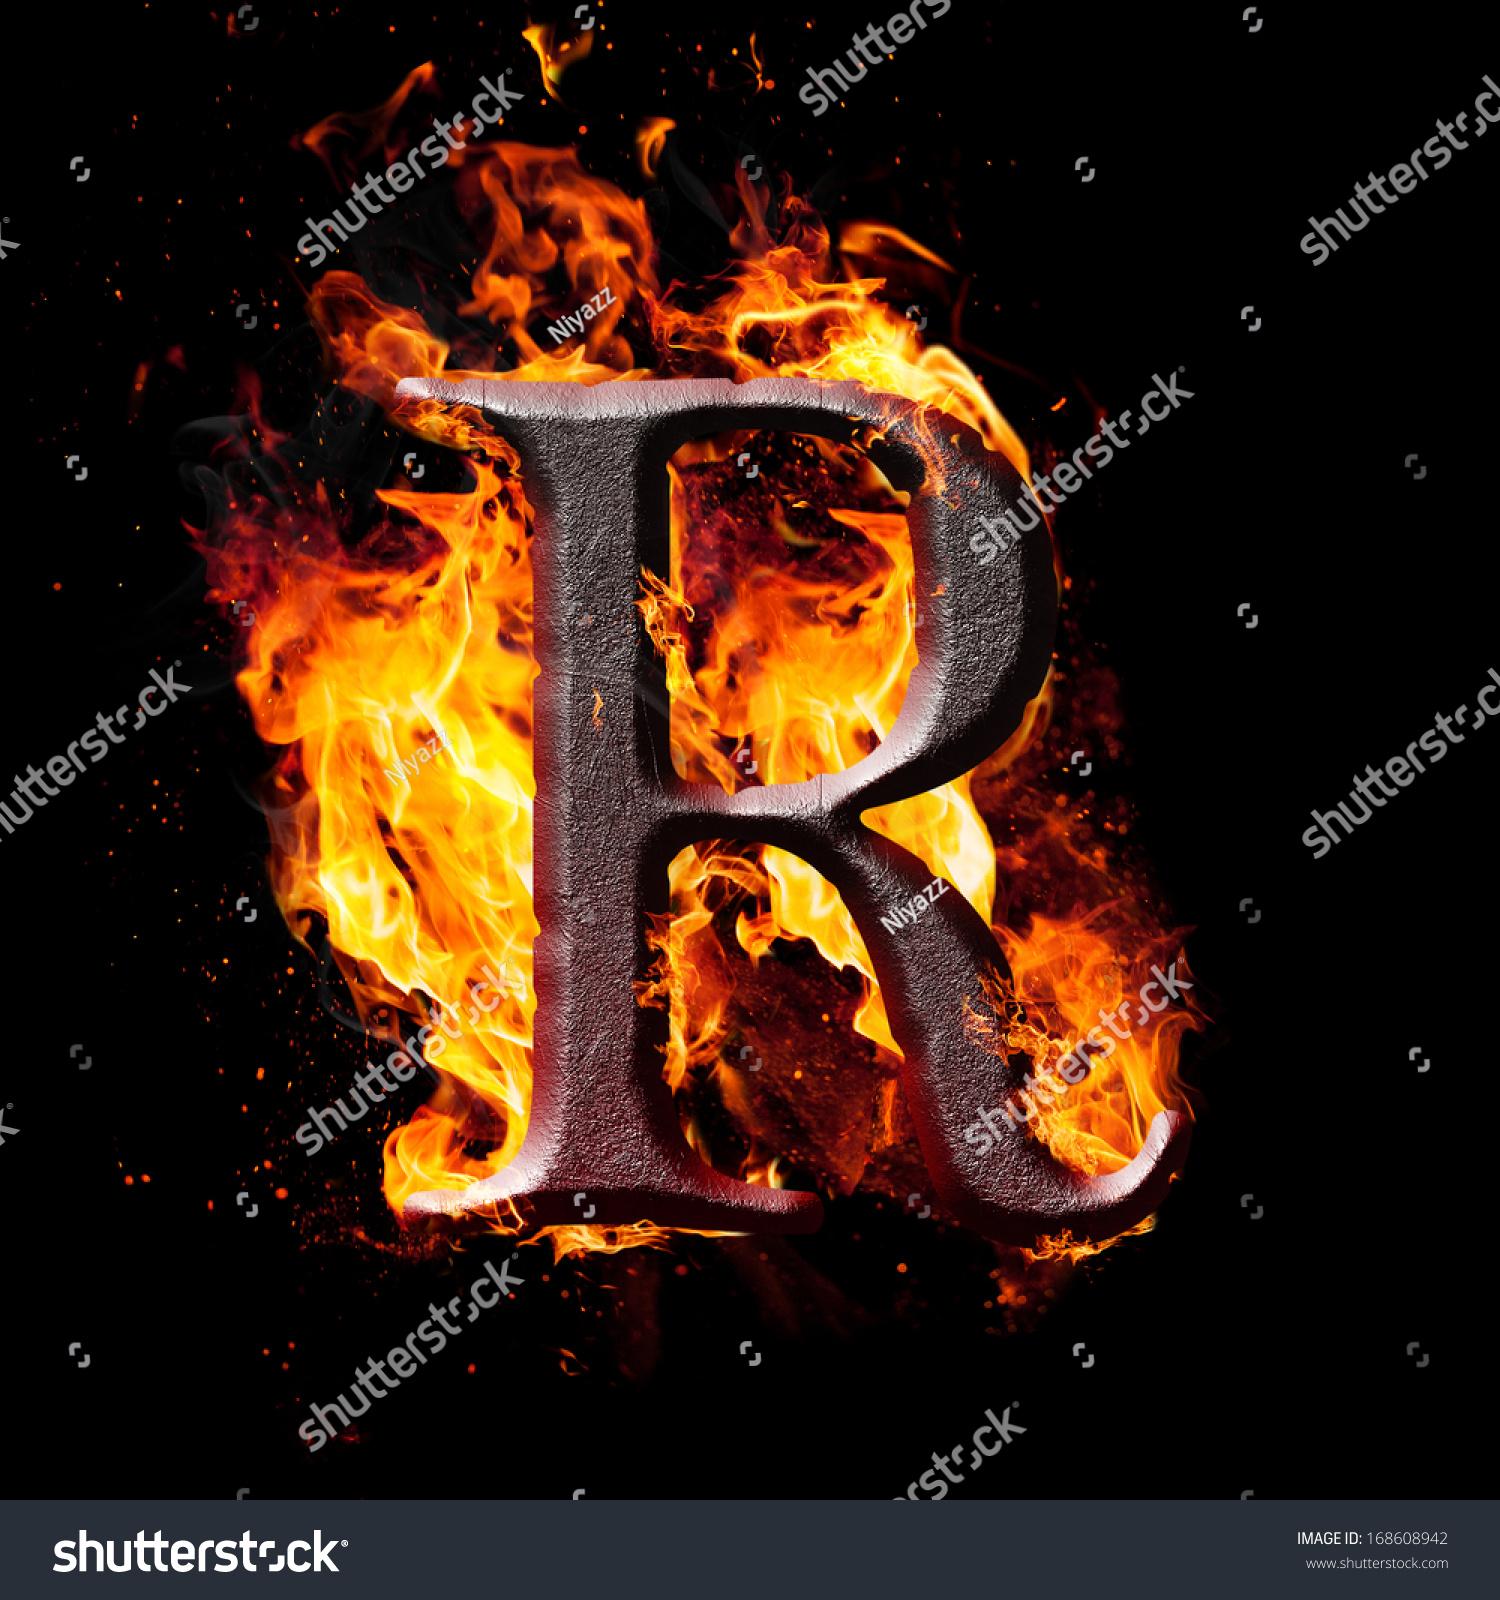 L letters font burning on fire altavistaventures Gallery